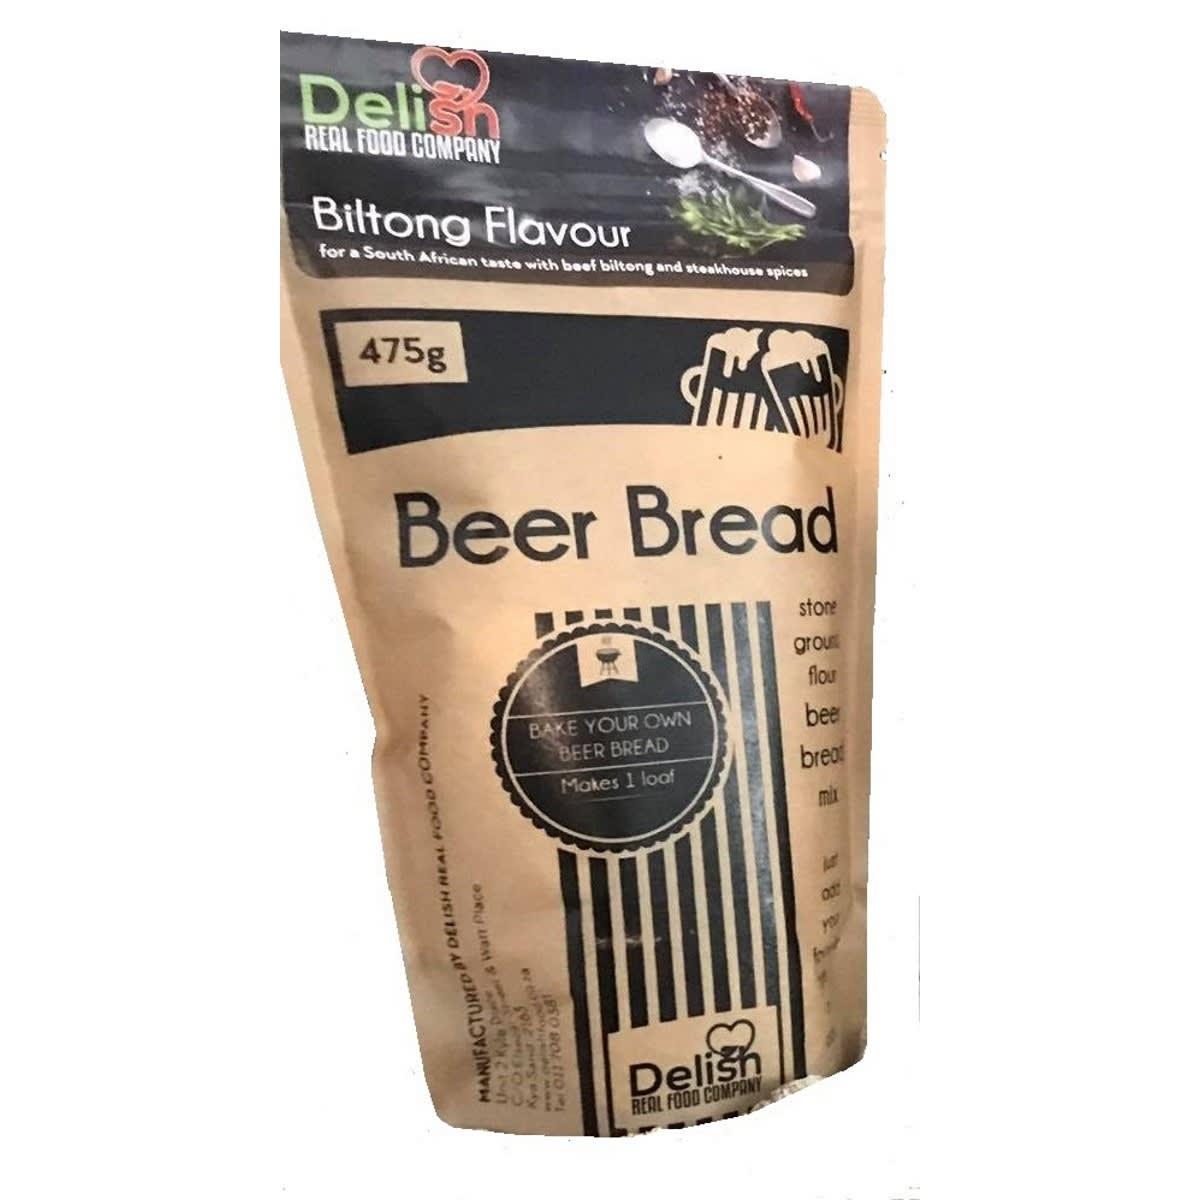 Delish Beer bread biltong